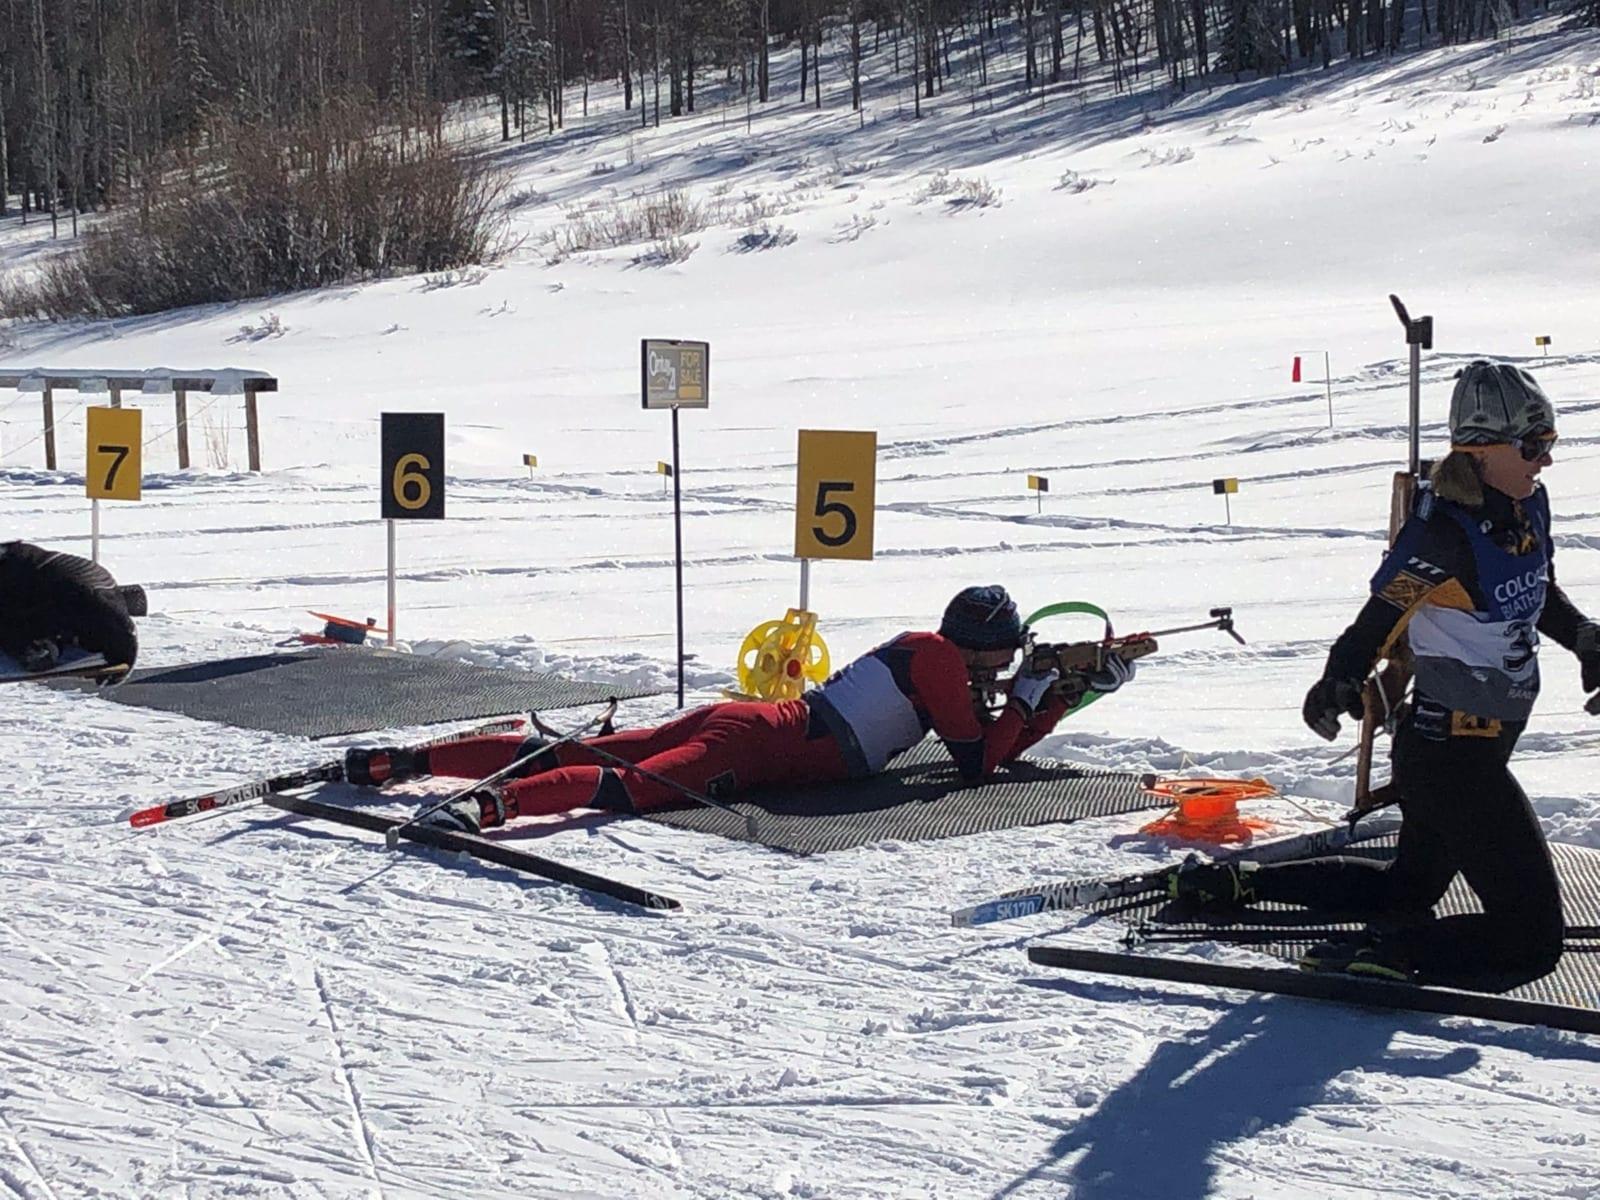 Colorado Biathlon Snow Mountain Ranch Rifle Shooting